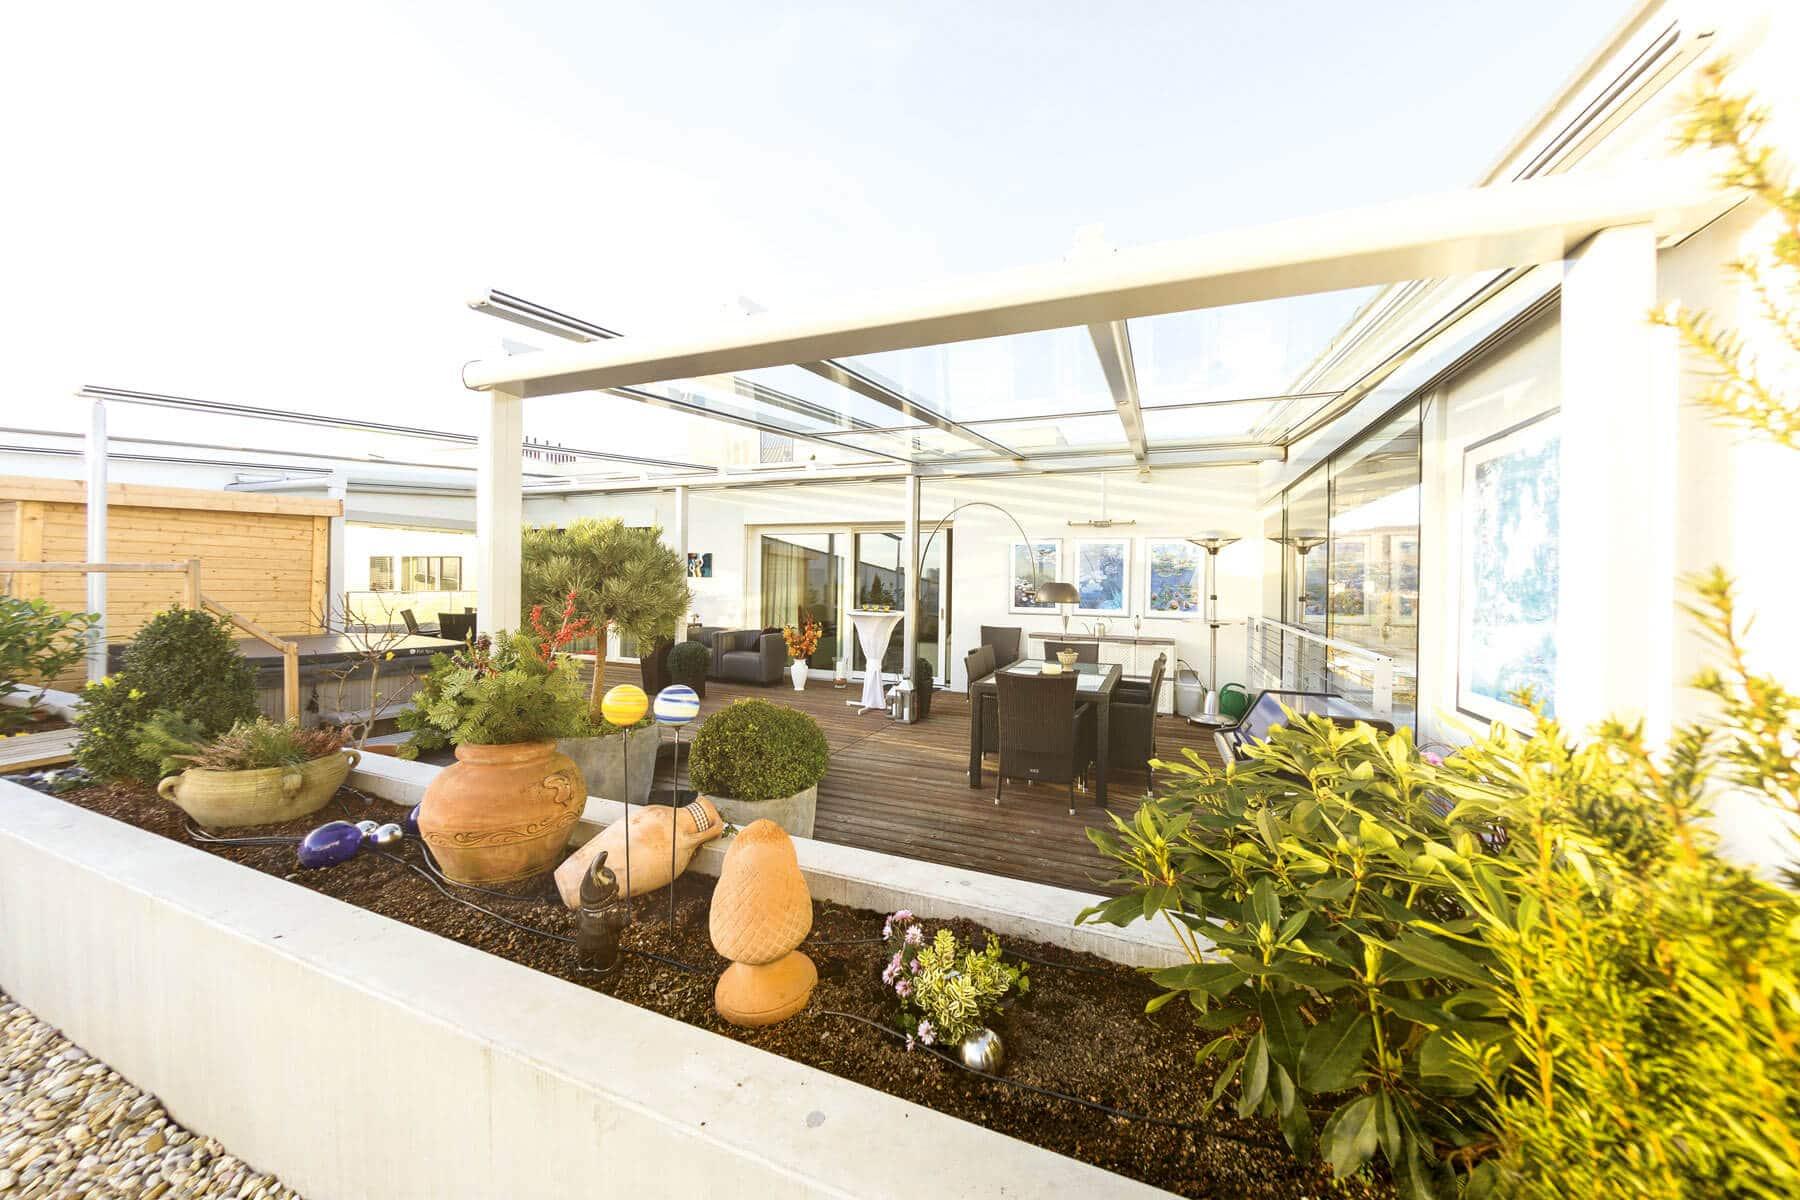 Terrassenüberdachung - Dachterrasse